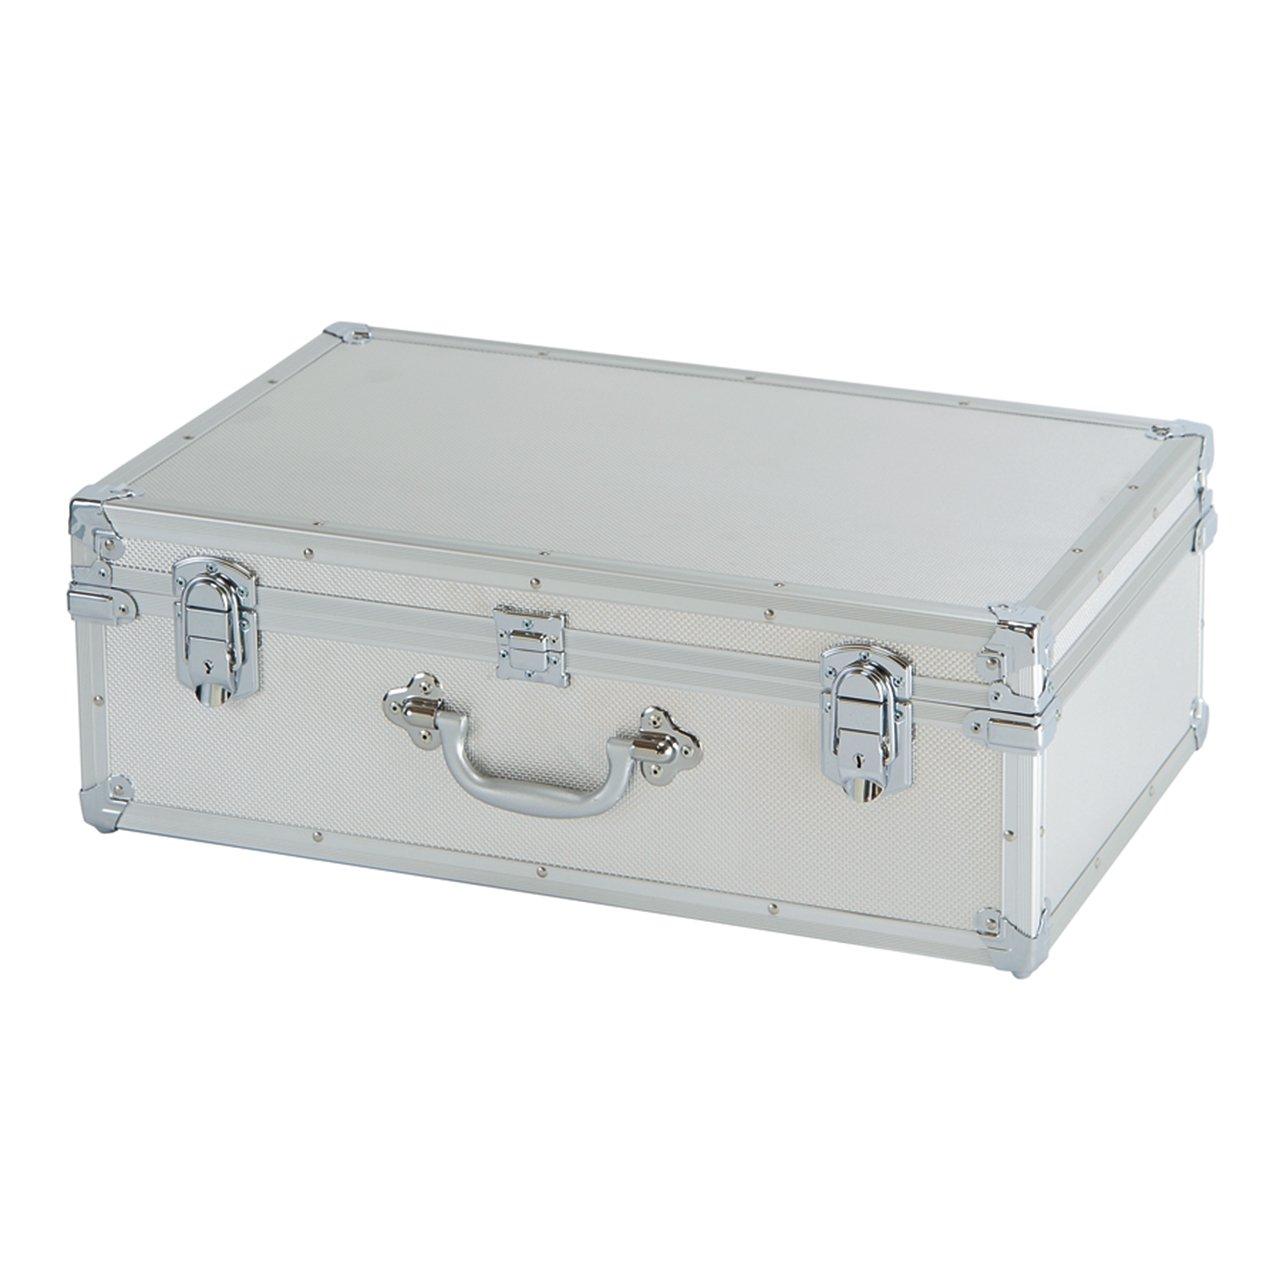 スーツケース F-600型 【ジュラルミンケース業務用】 B0053334OS